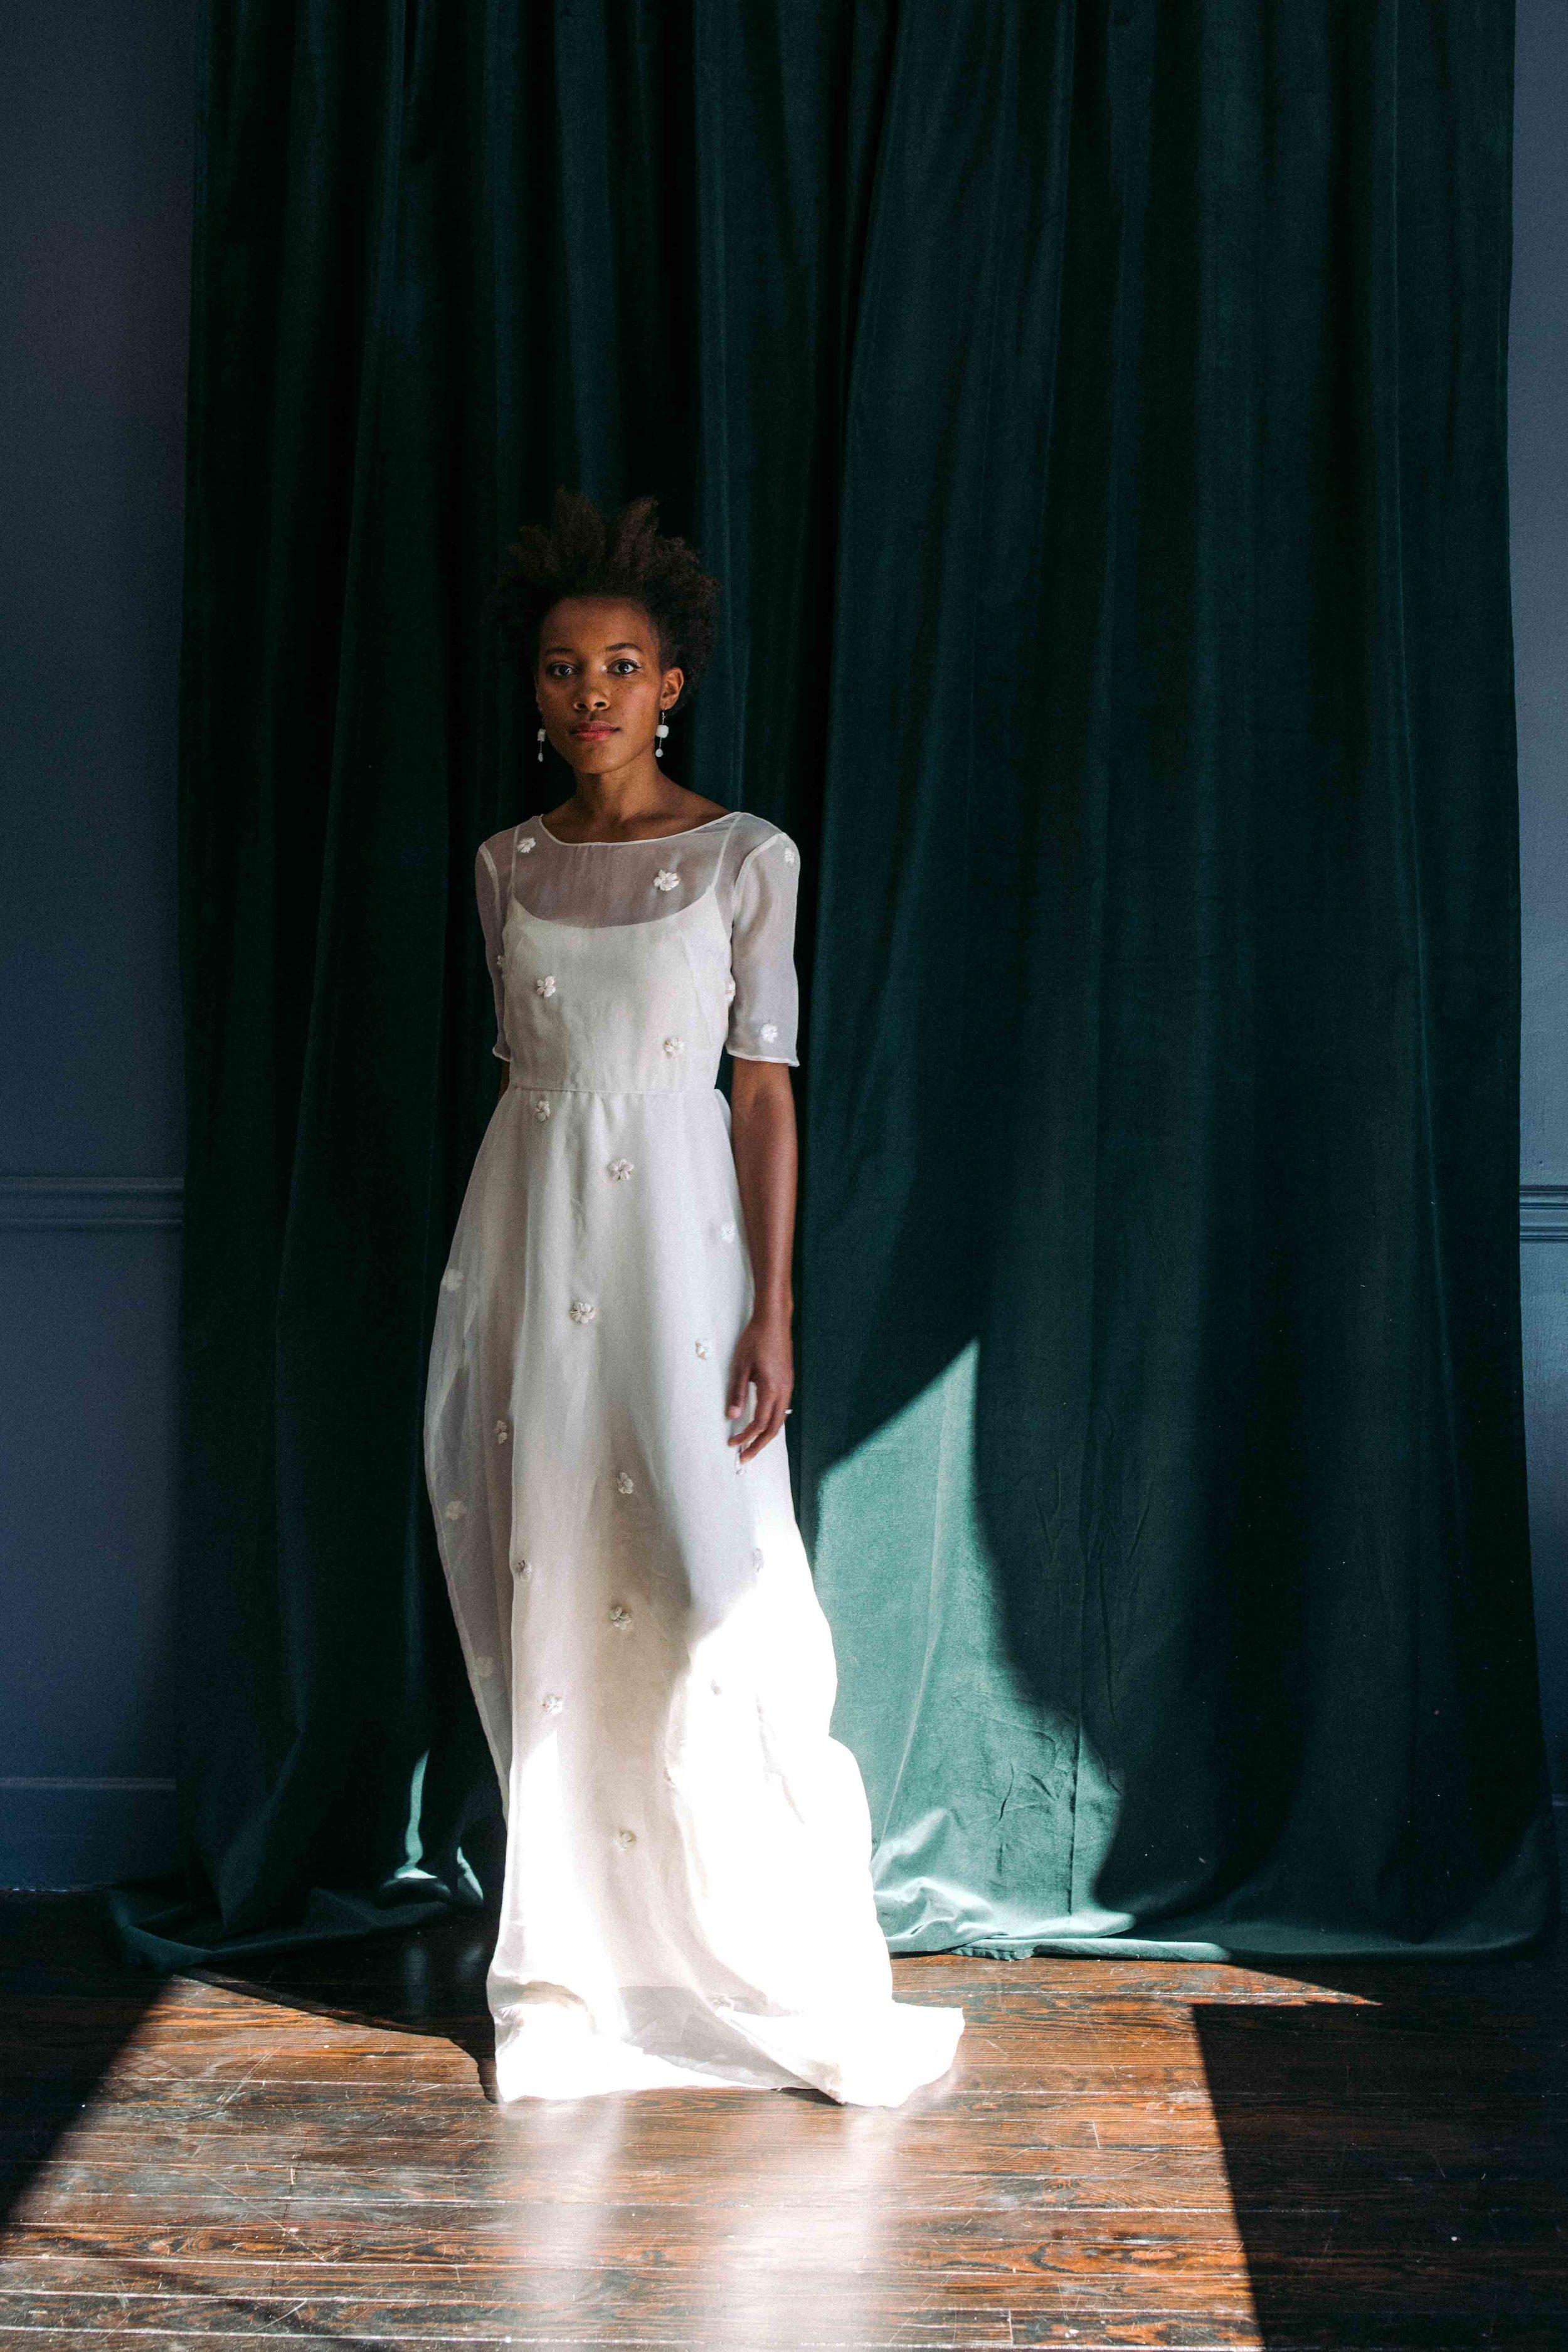 04162019-Diana Dean-Eryc Perez de Tagle Photography-1.jpg